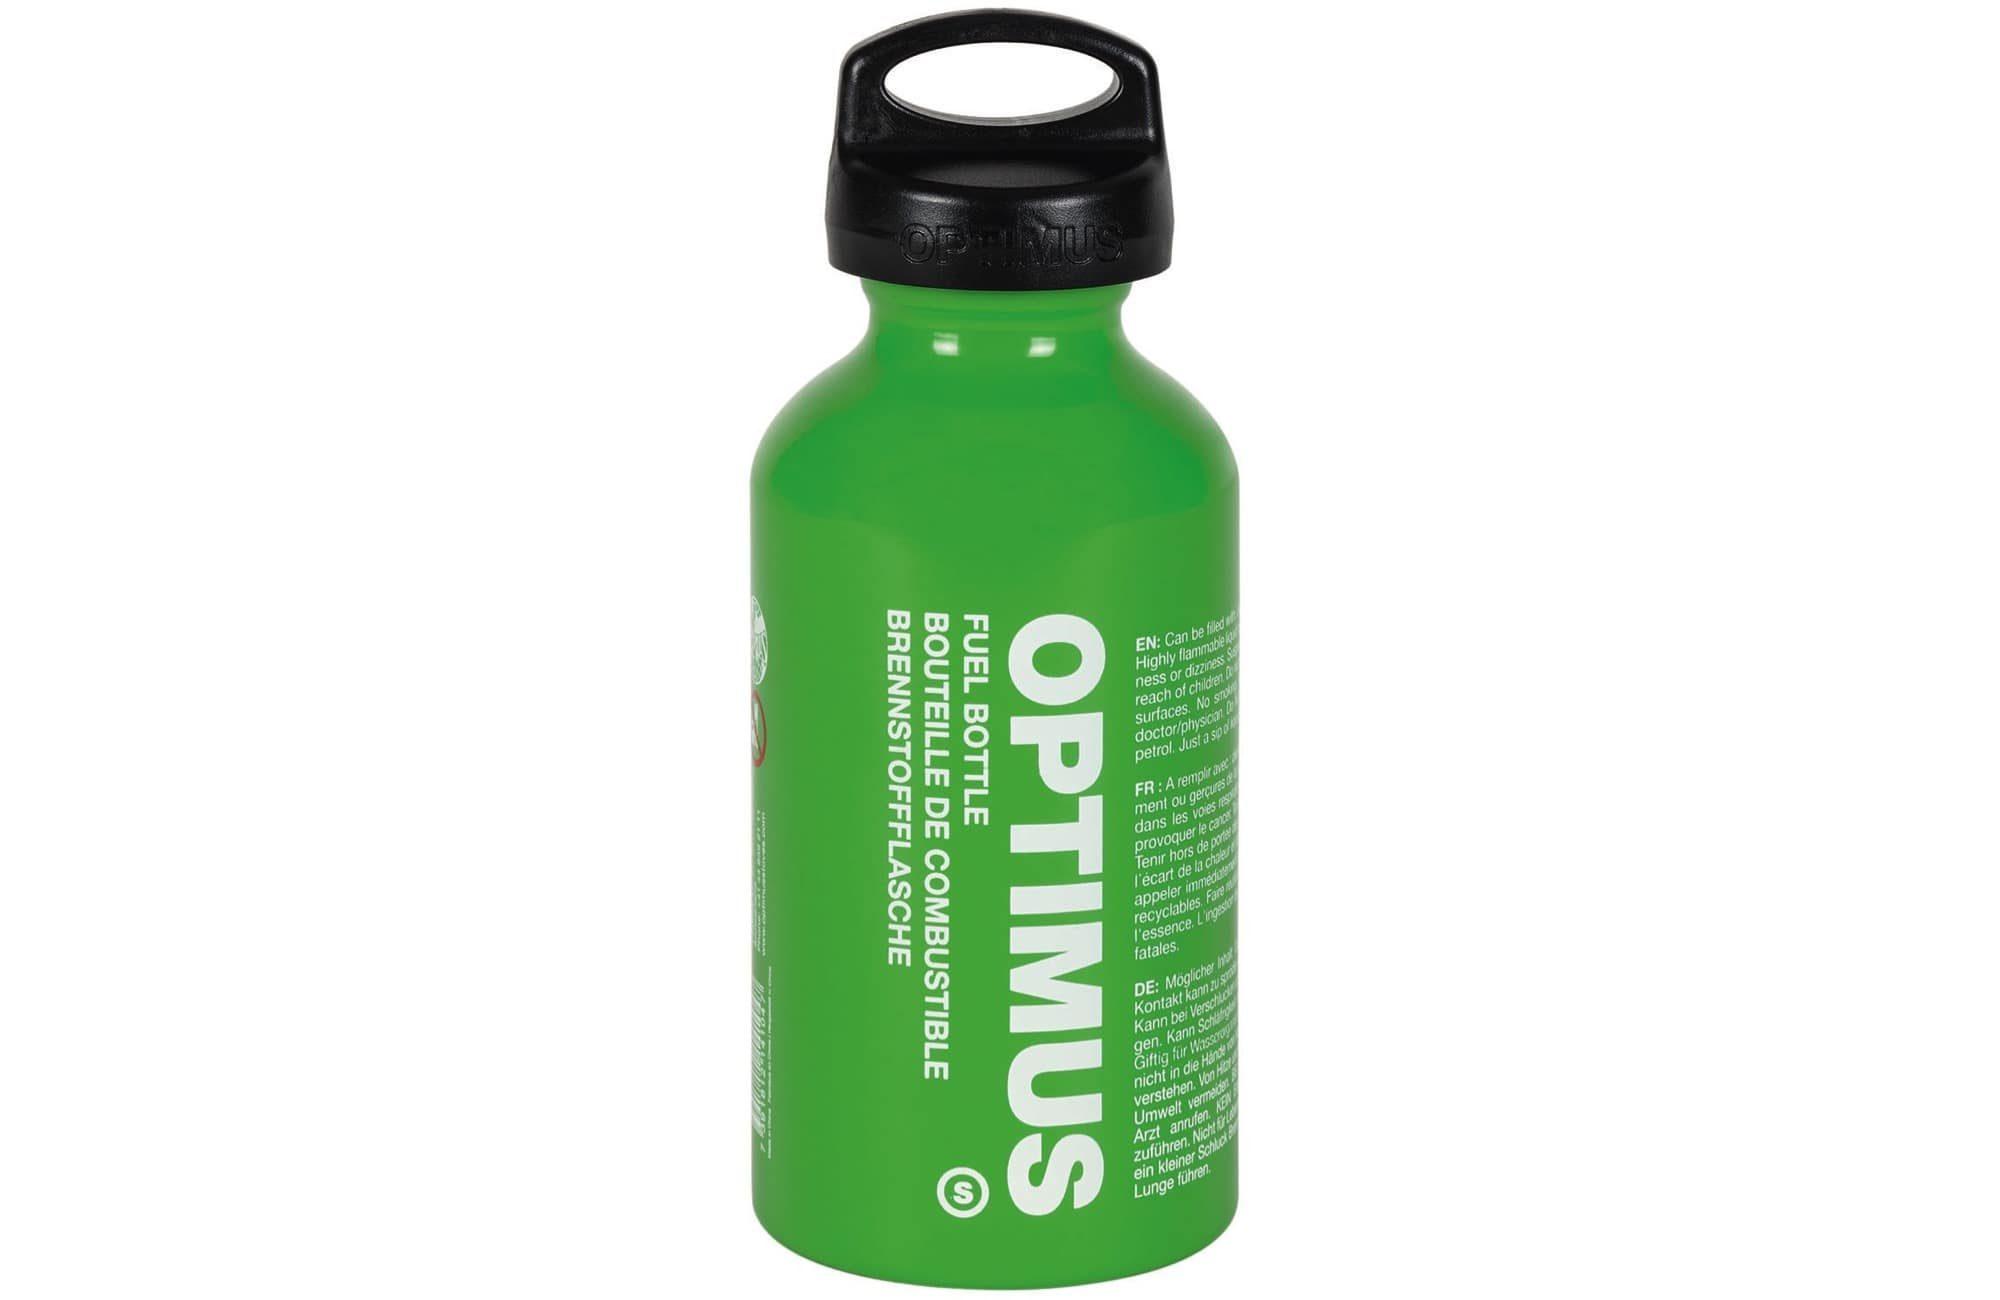 Brennstoffflasche-S_Fuel Bottle S child-safe